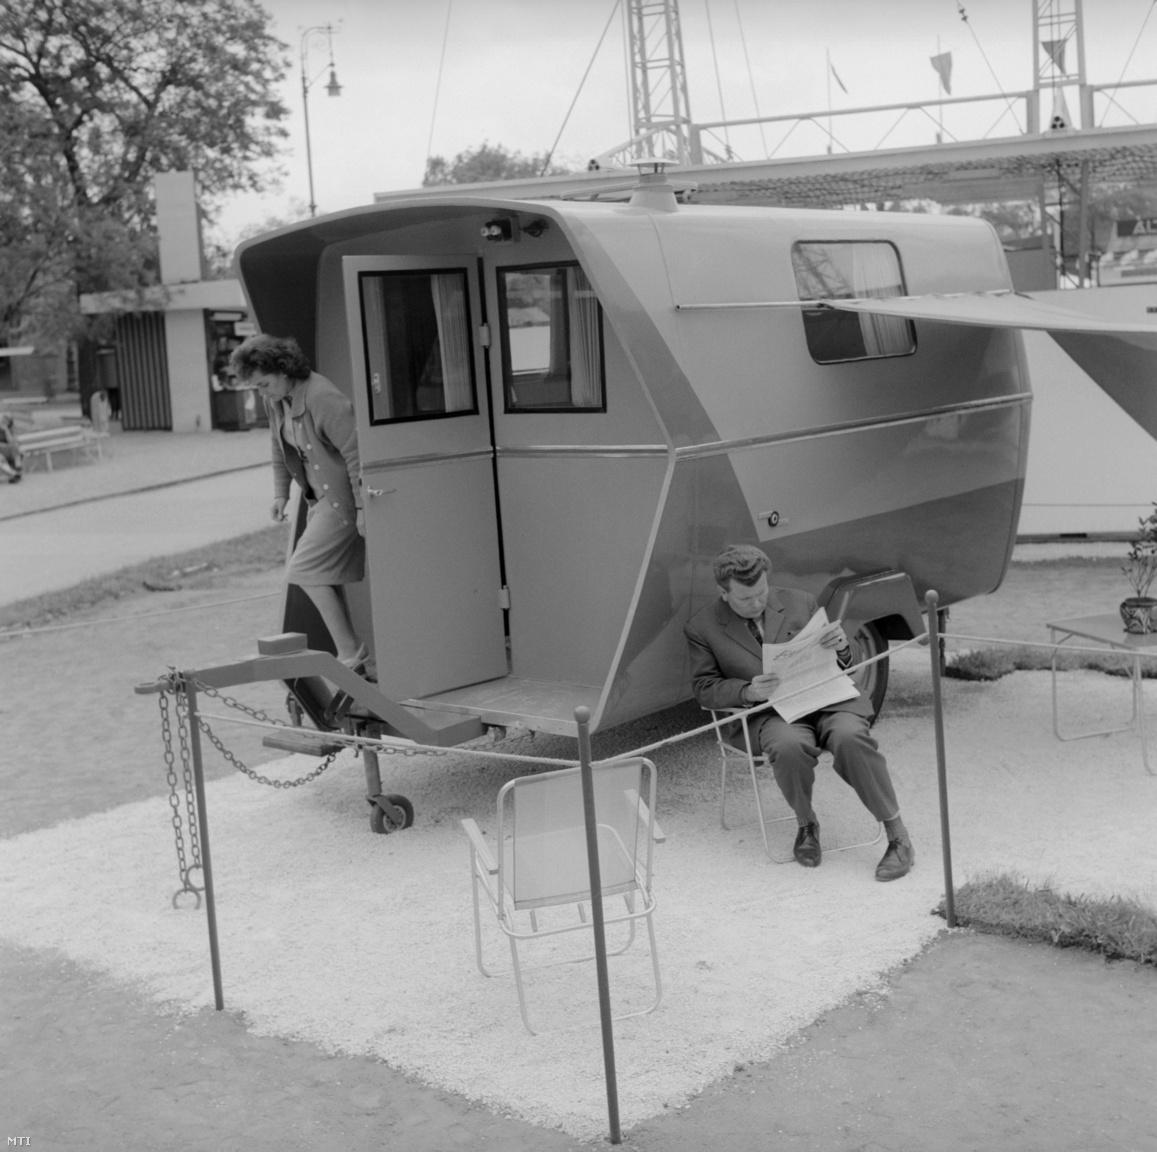 Látogatók, miután megtekintették az Egyesült Jármű Kisipari Termelőszövetkezet (KTSZ) autós kempingezőknek készült, télen-nyáron használható egytengelyes kétszemélyes hálókocsiját, amely az 1964-es vásár egyik újdonsága a május 15. és 25. között a Városligetben megrendezésre kerülő Budapesti Nemzetközi Vásáron (BNV)